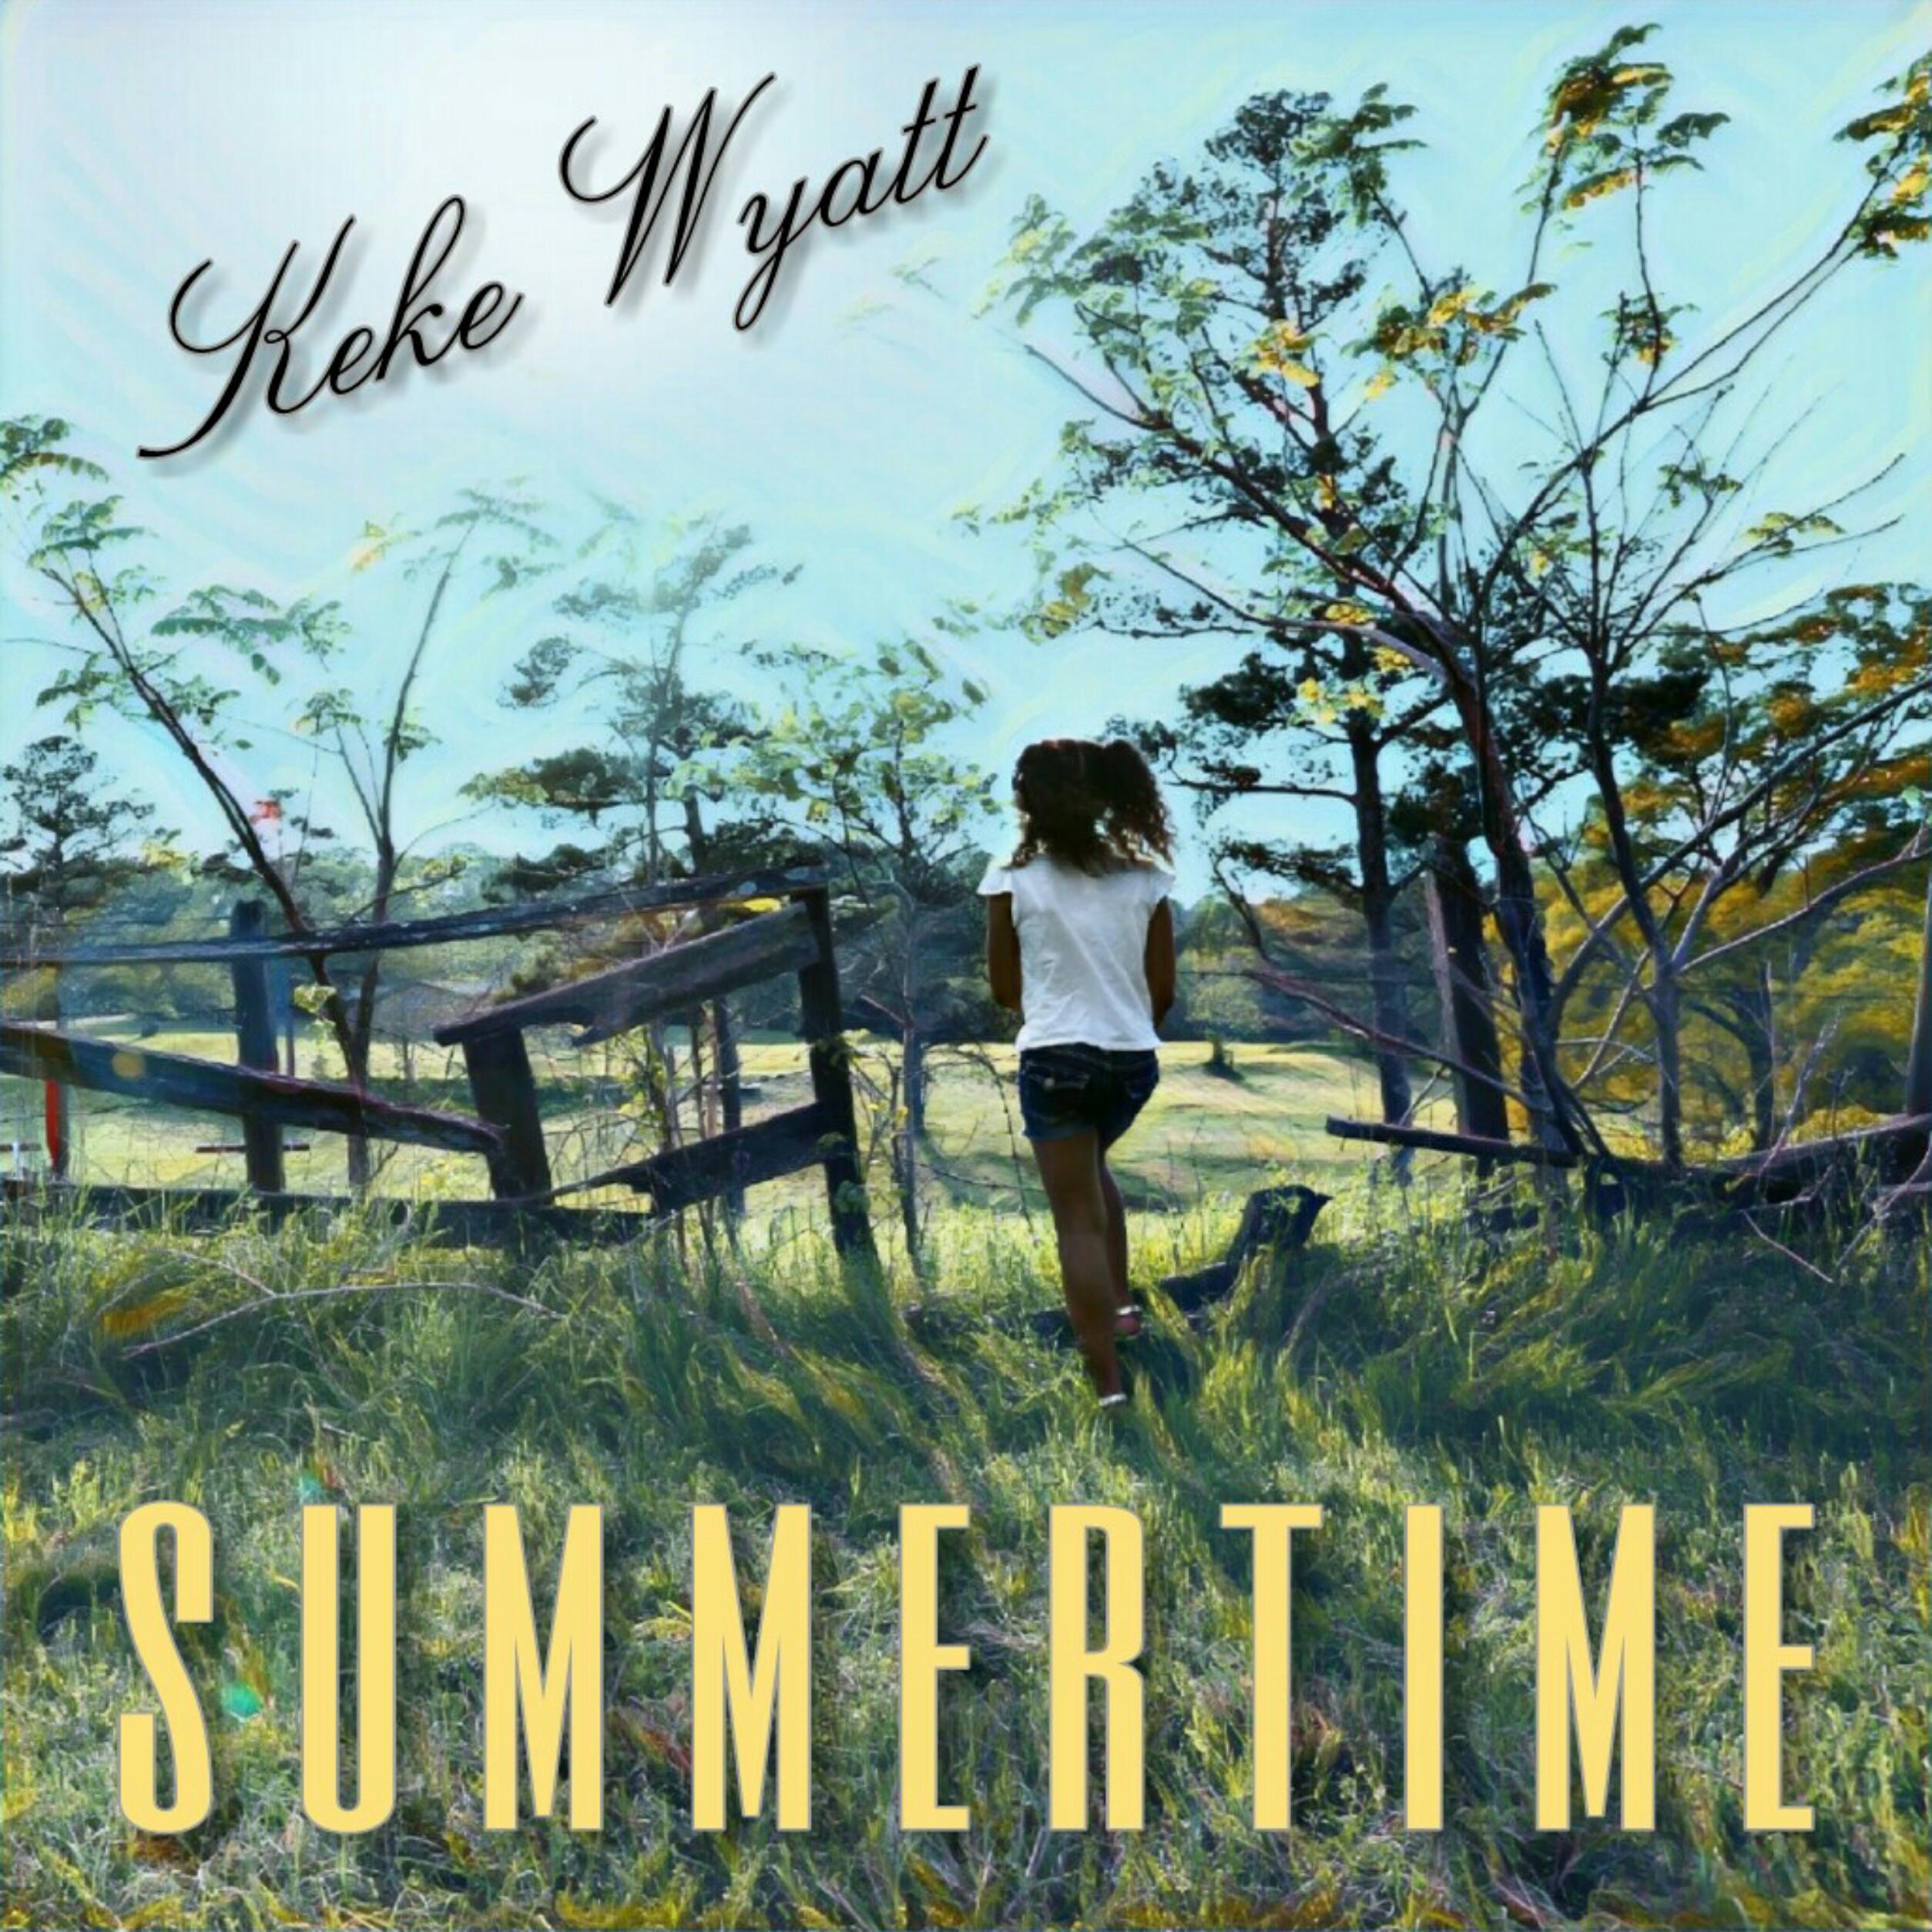 Keke Wyatt Summertime